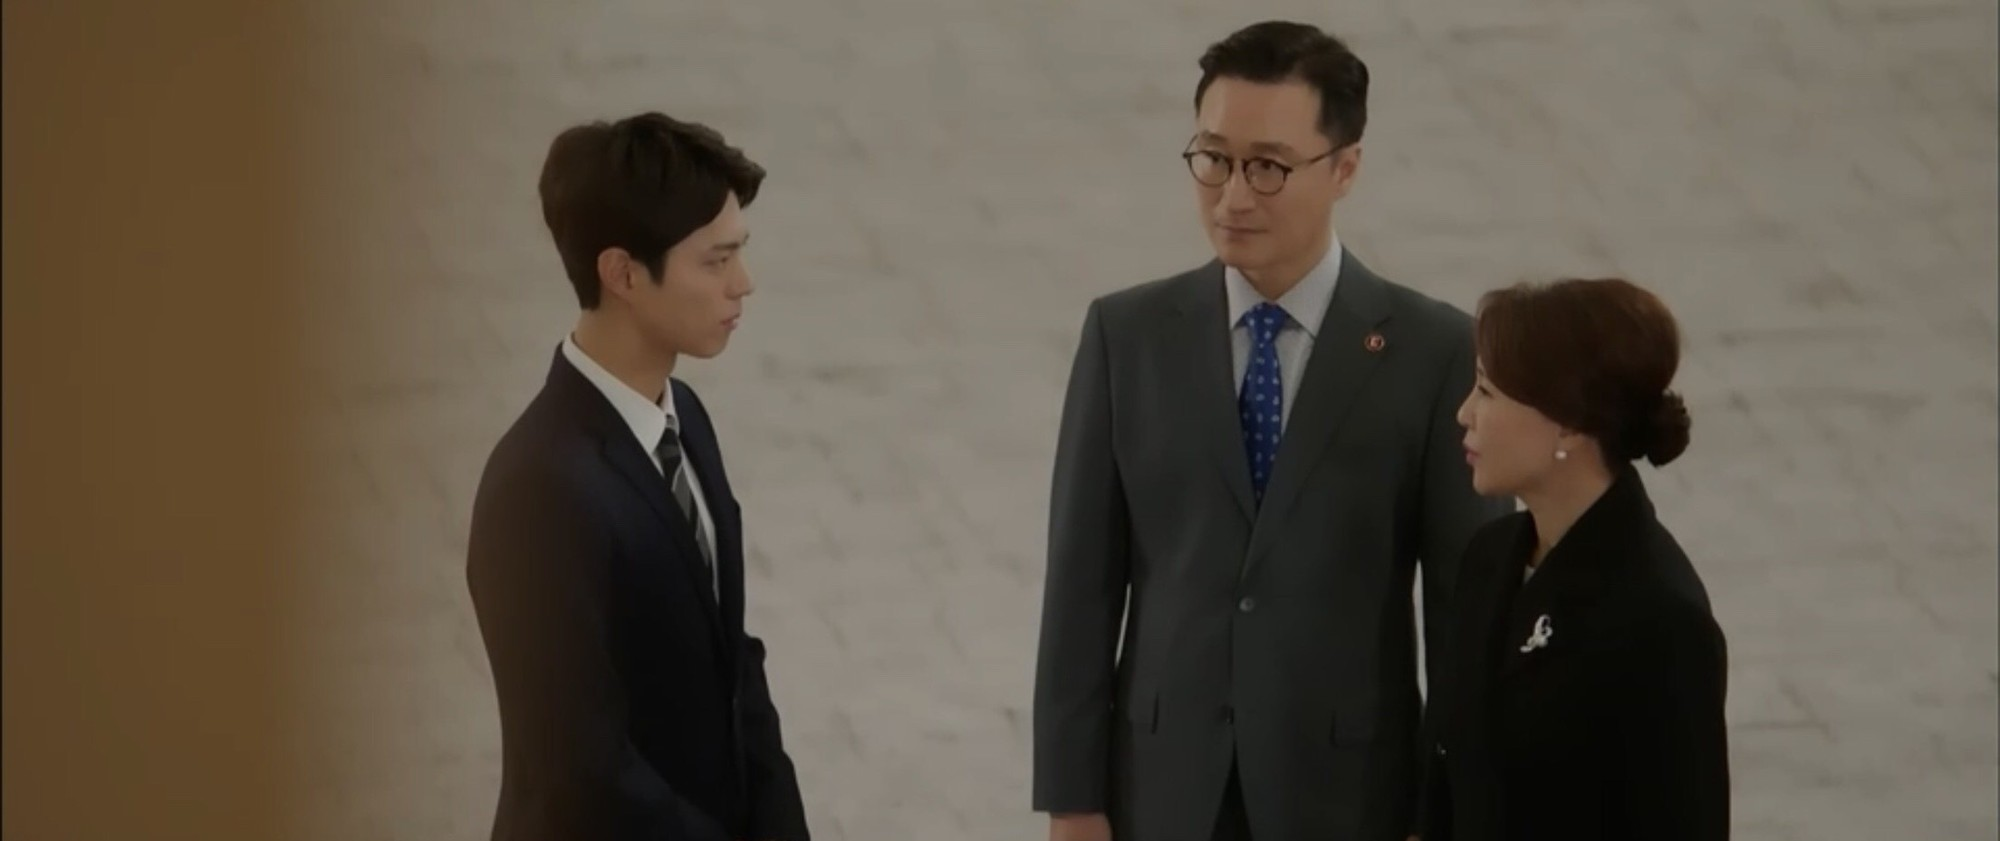 Nhờ chị sếp Song Hye Kyo trả thính liên tục, rating Encounter lại tăng nhẹ - Ảnh 4.